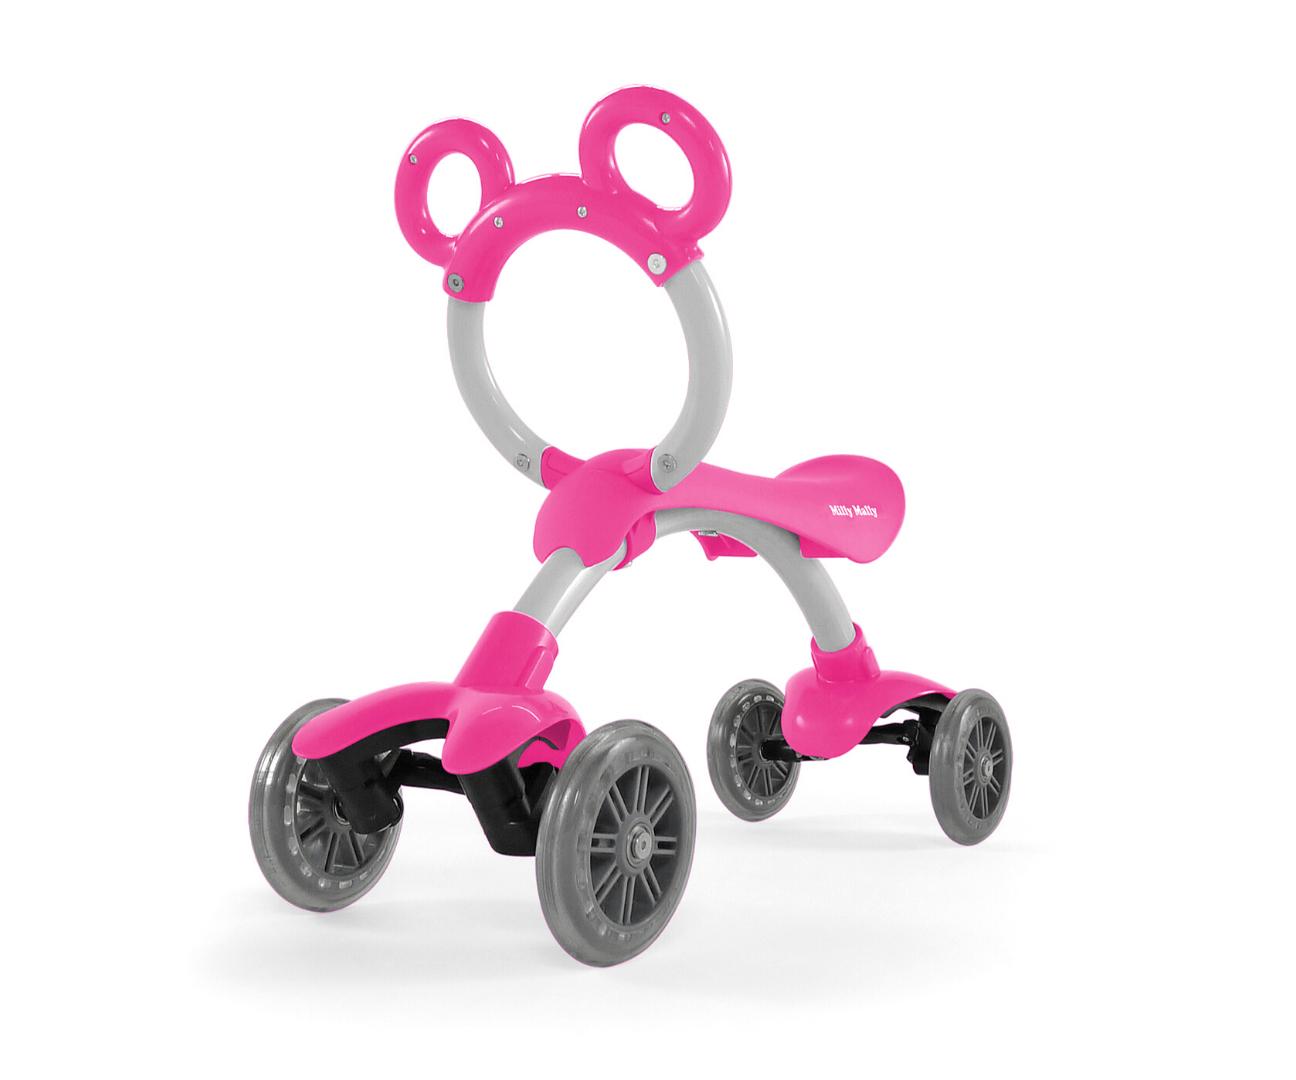 Milly Mally pealeistutav sõiduk Orion Flash Pink